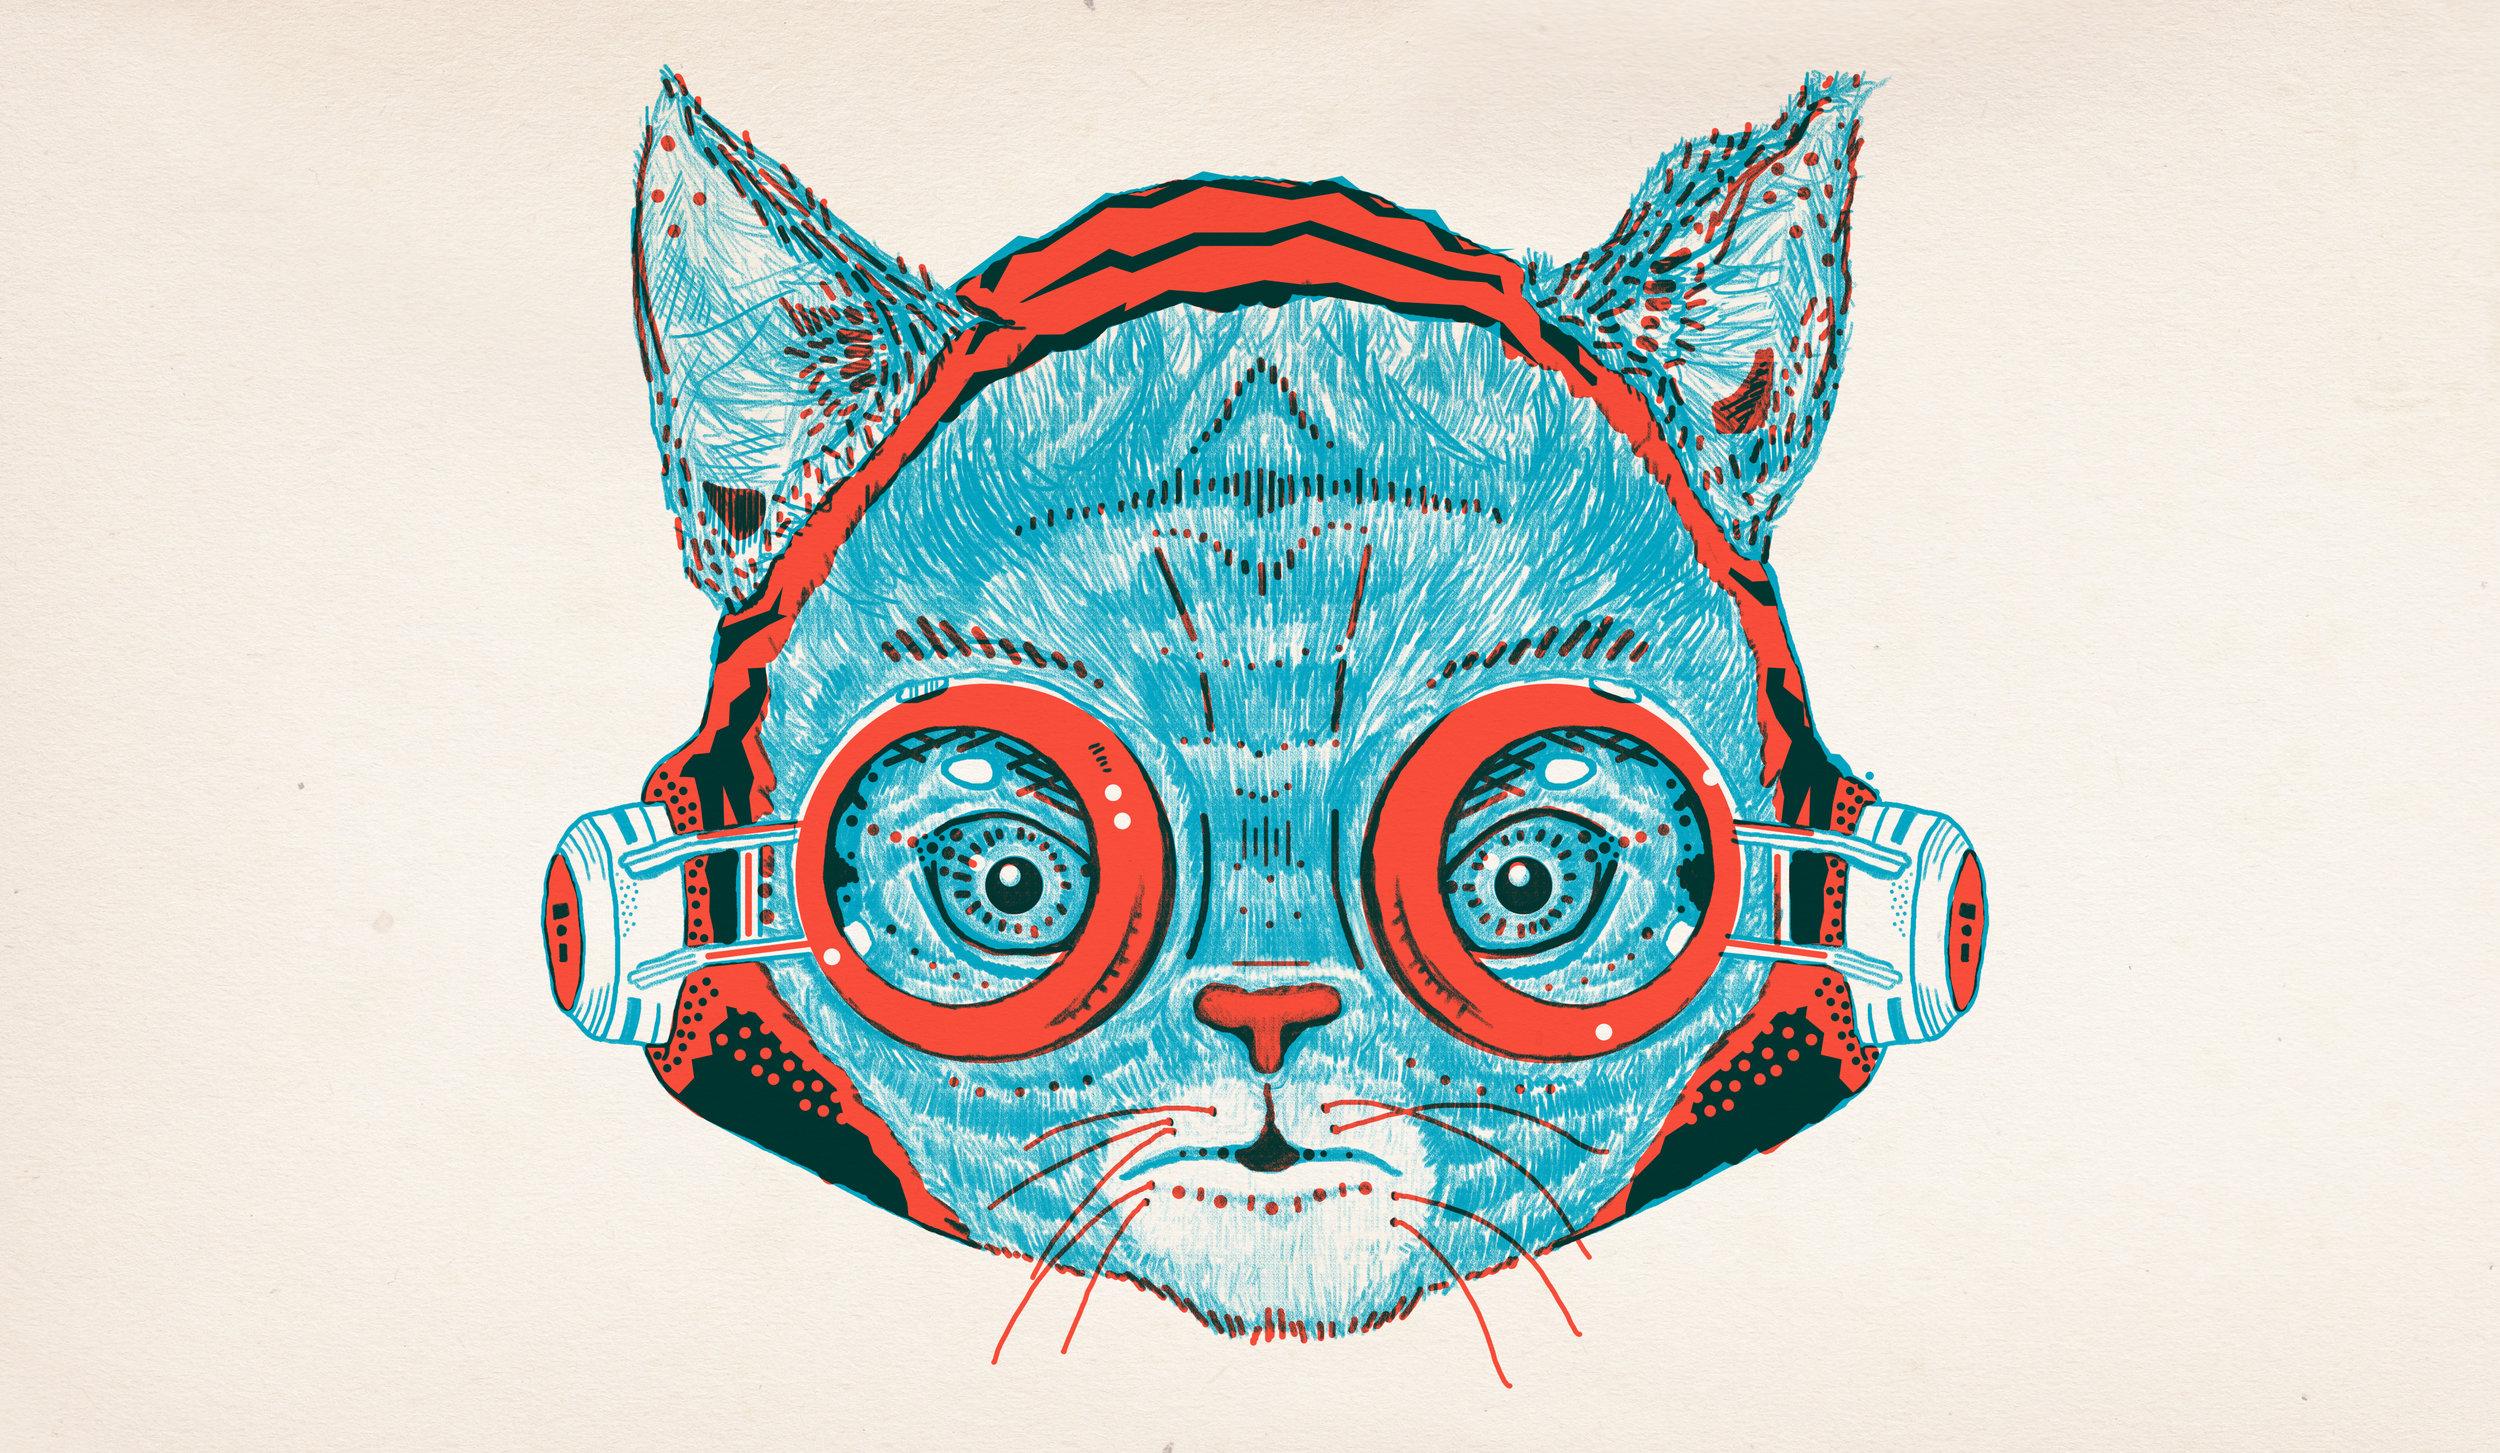 Meowz Kanata